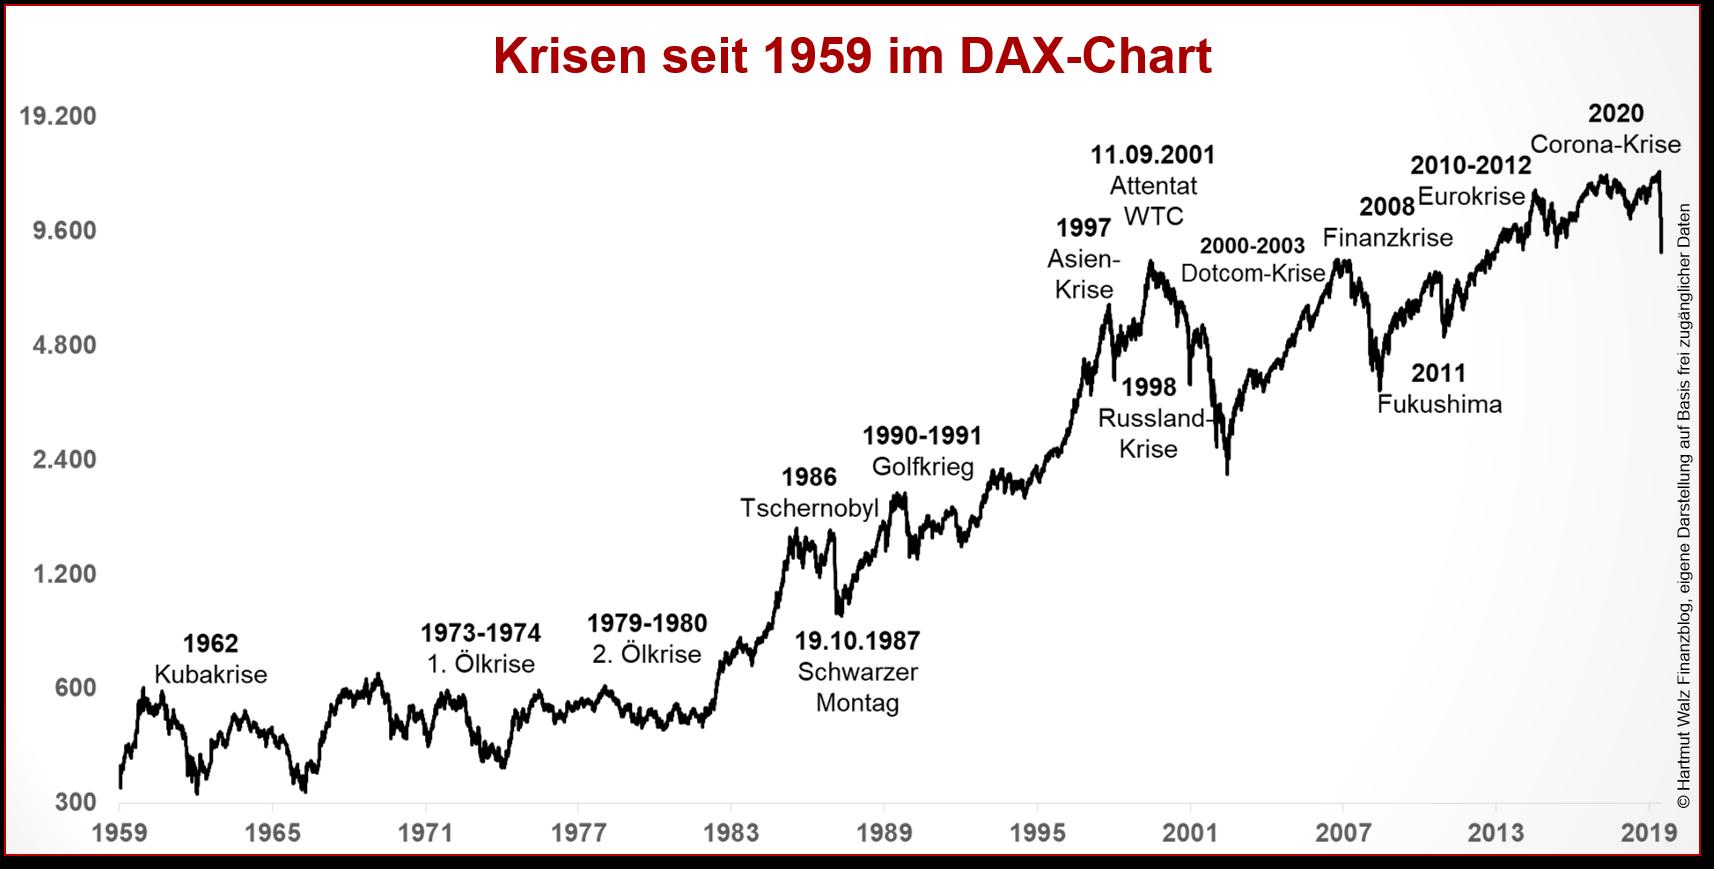 Krisen seit 1959 im DAX-Chart